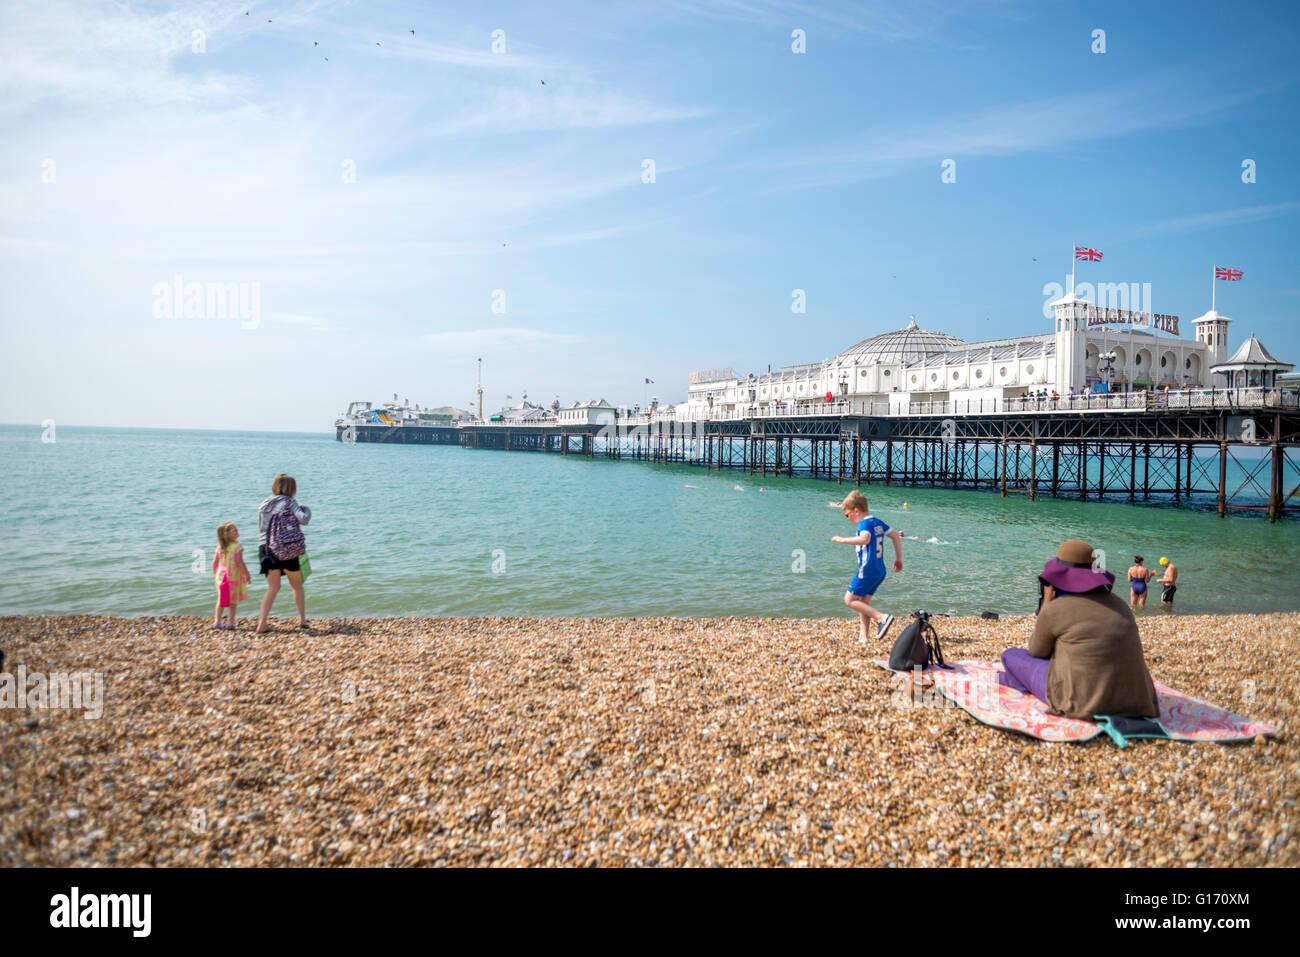 Vista del Molo di Brighton su una soleggiata giornata di primavera dalla spiaggia Immagini Stock